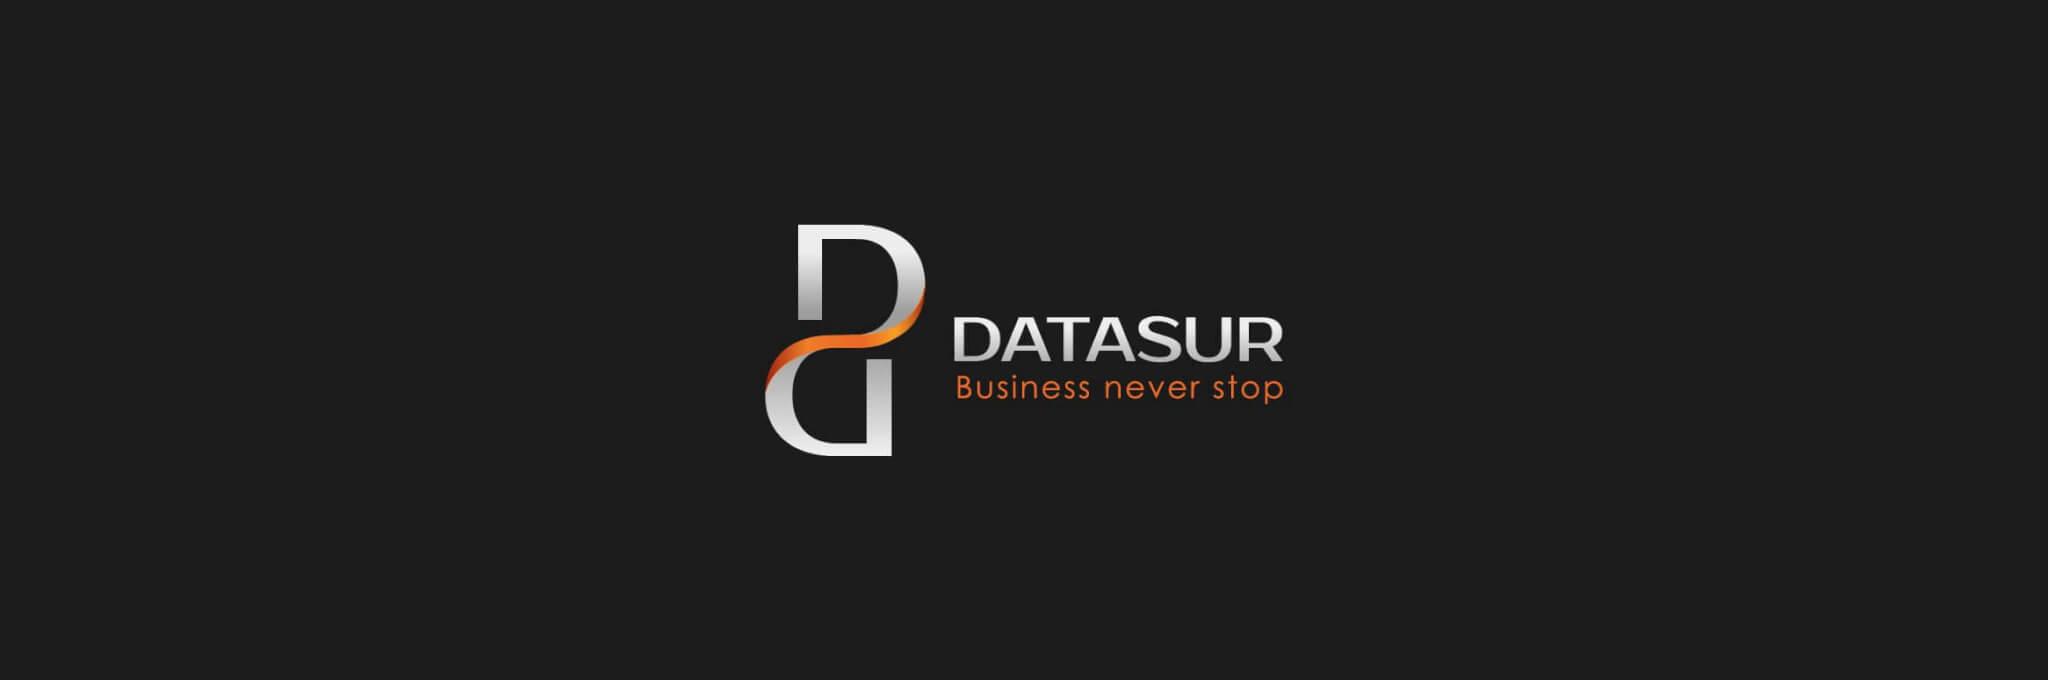 Logo Datasur horizontal 01